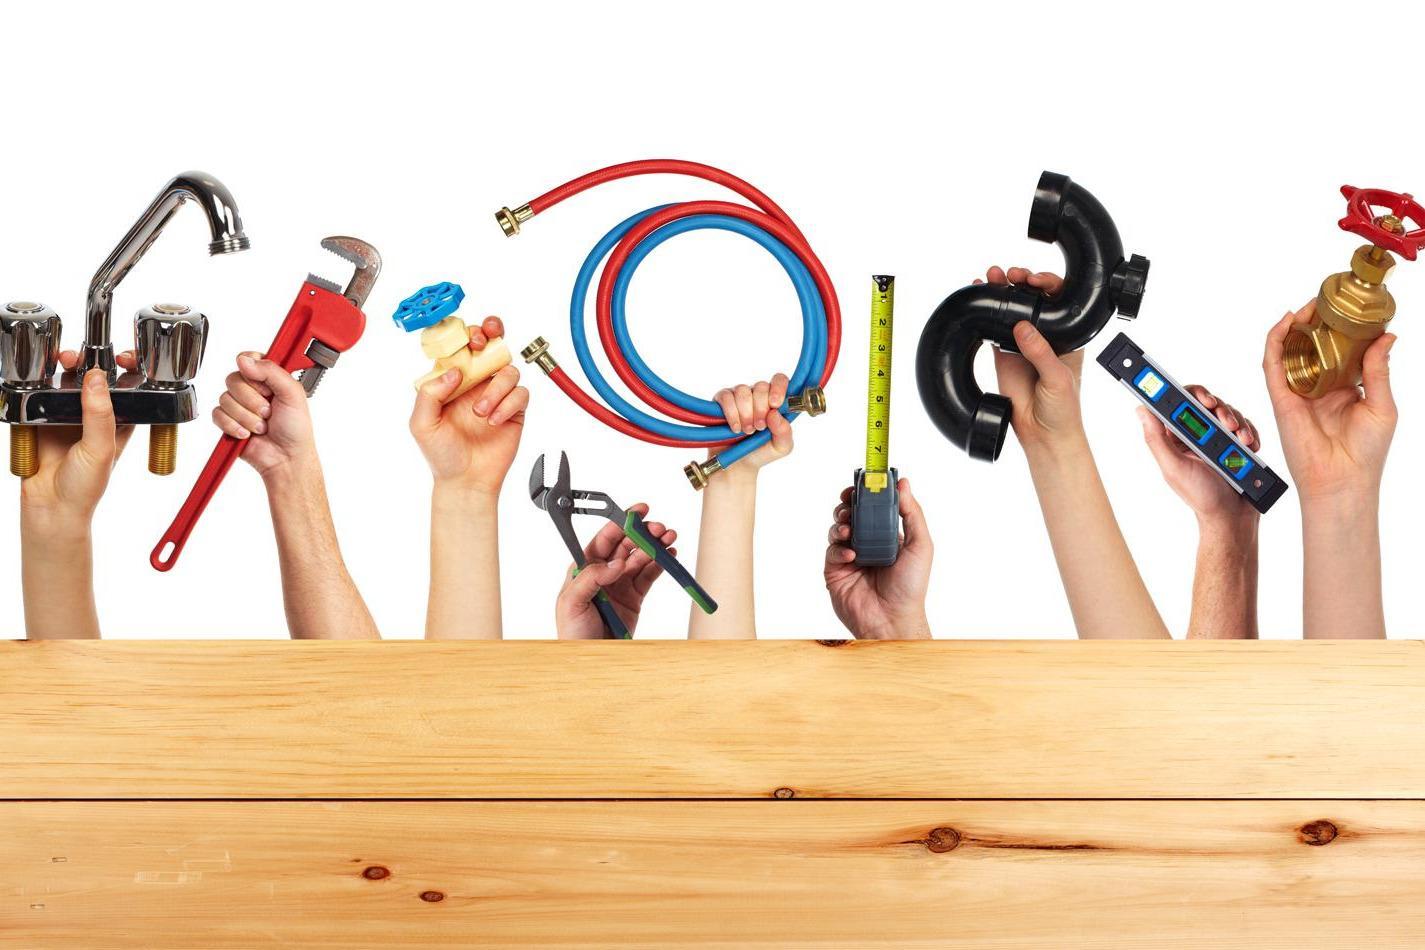 Blog bricolage : qu'en est-il des différents raccords de plomberie ?